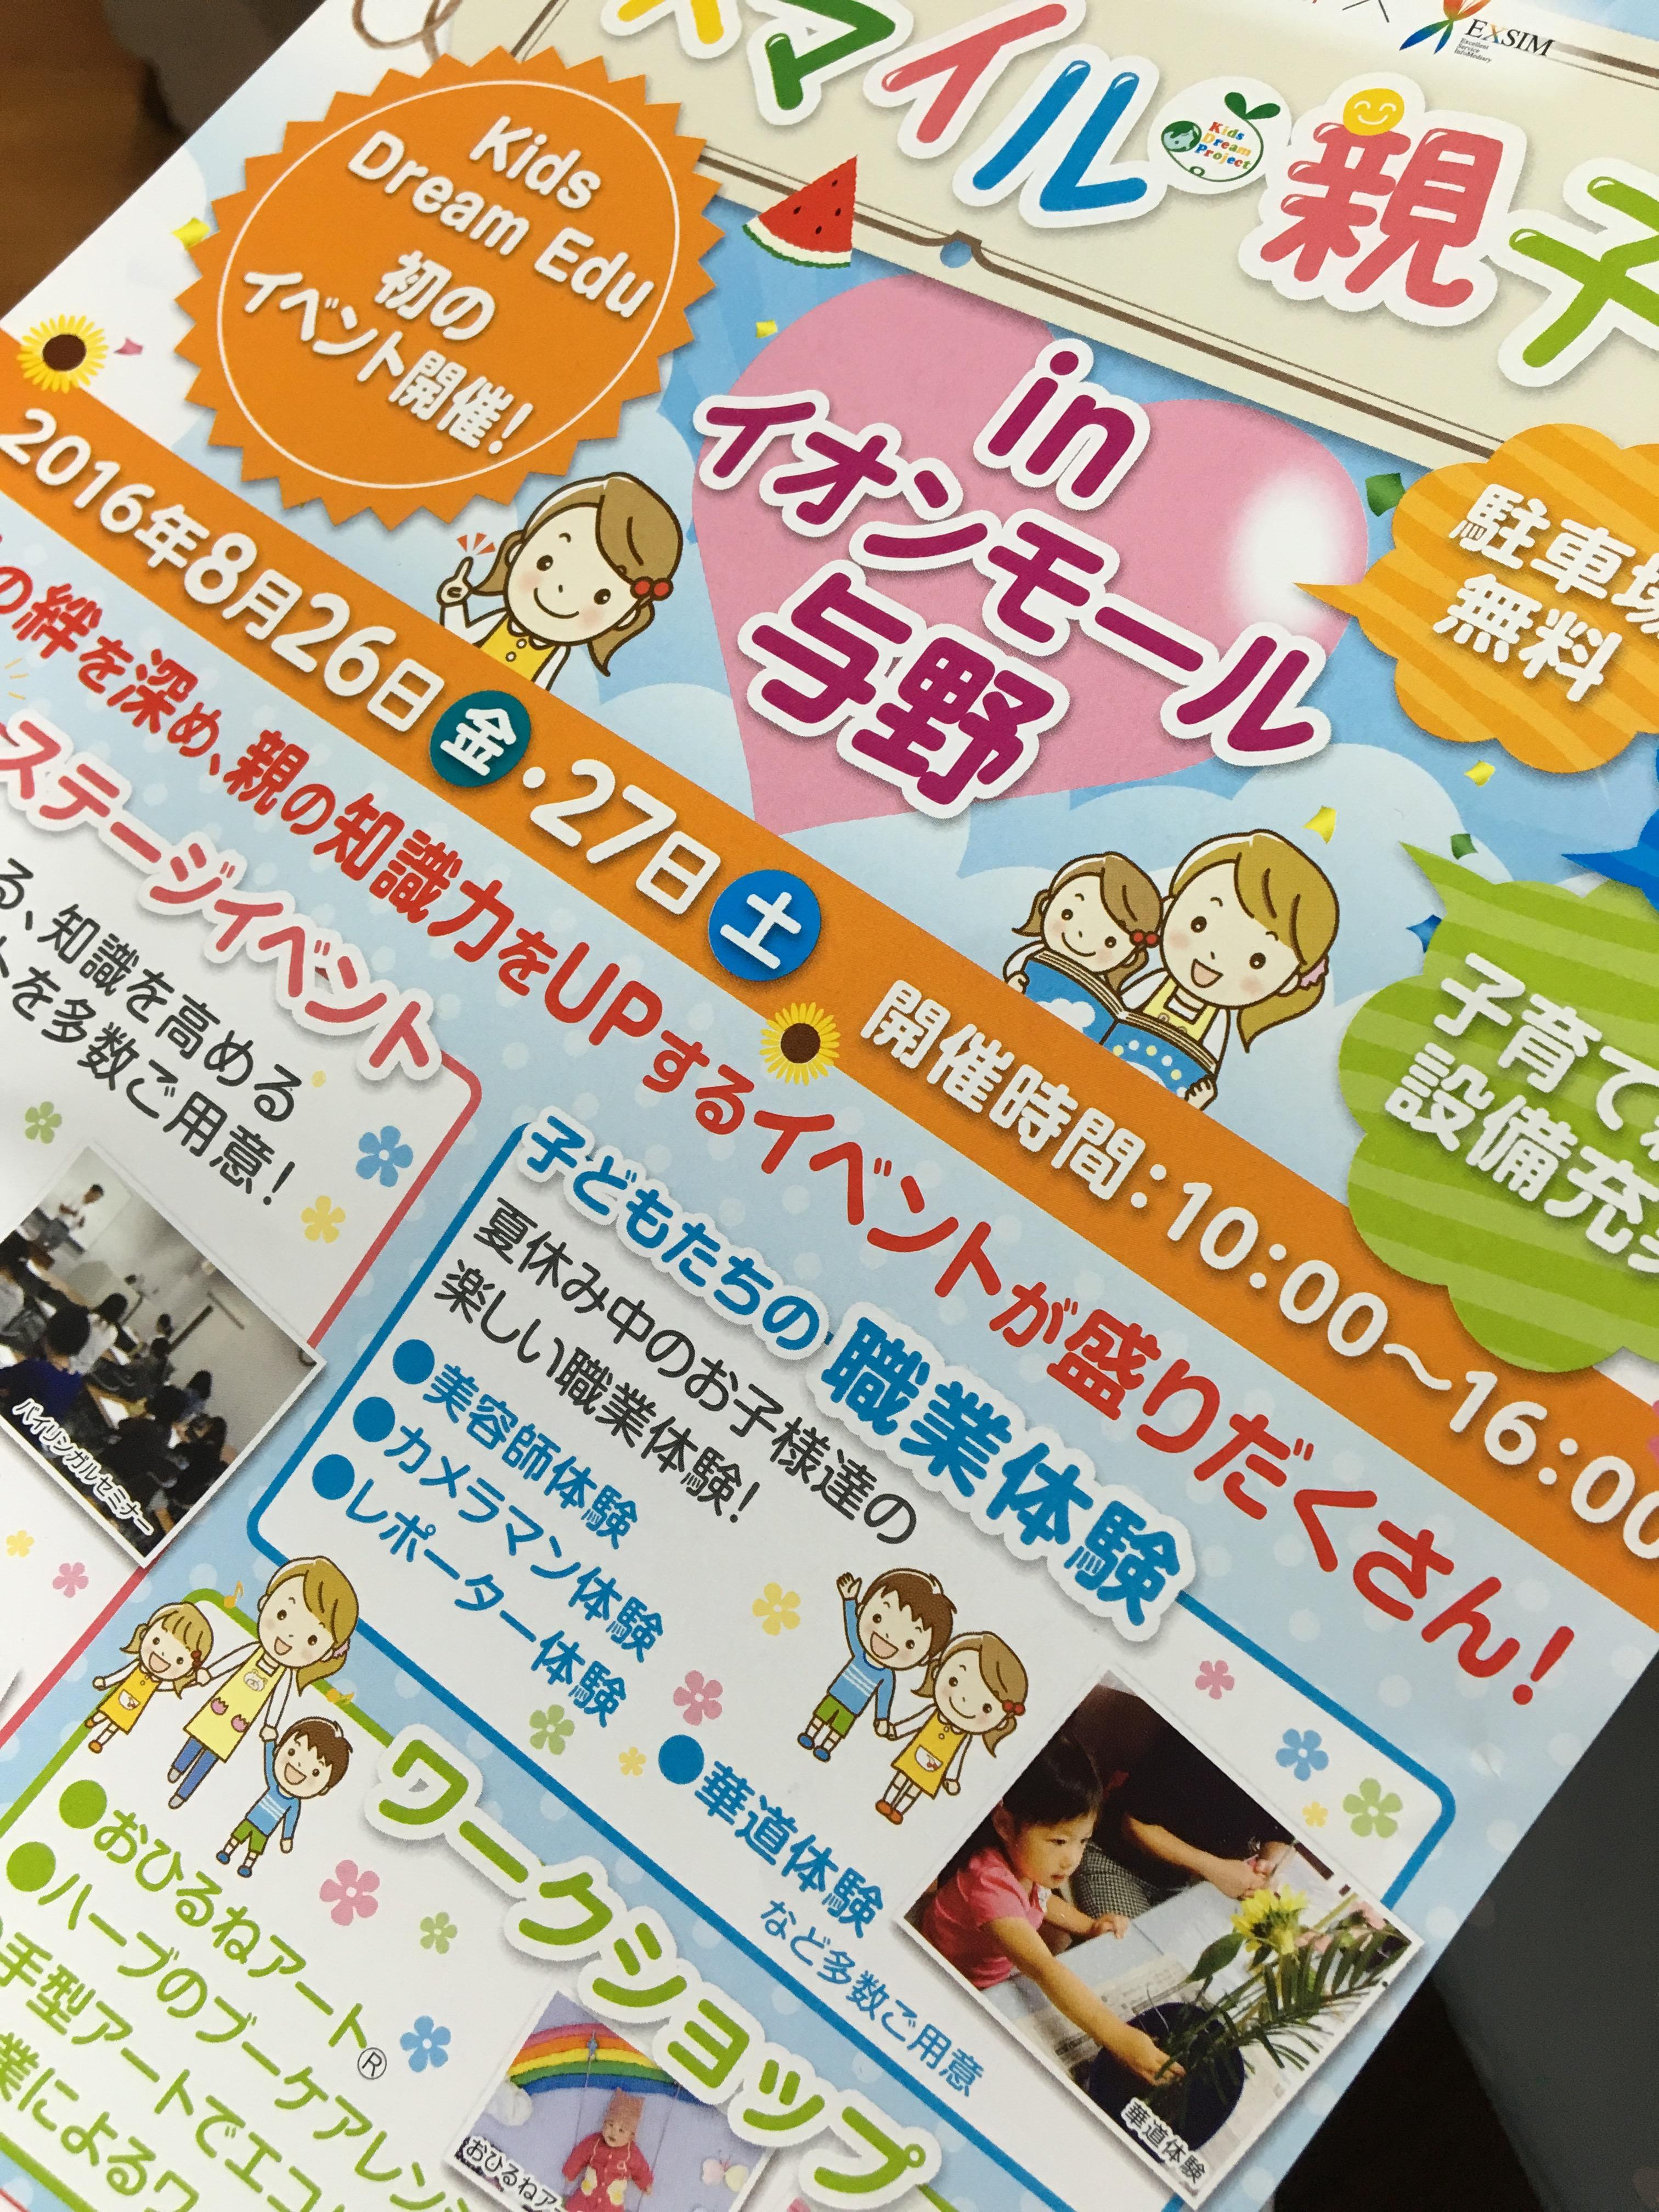 与野イオンイベント 日本文化 華道教室